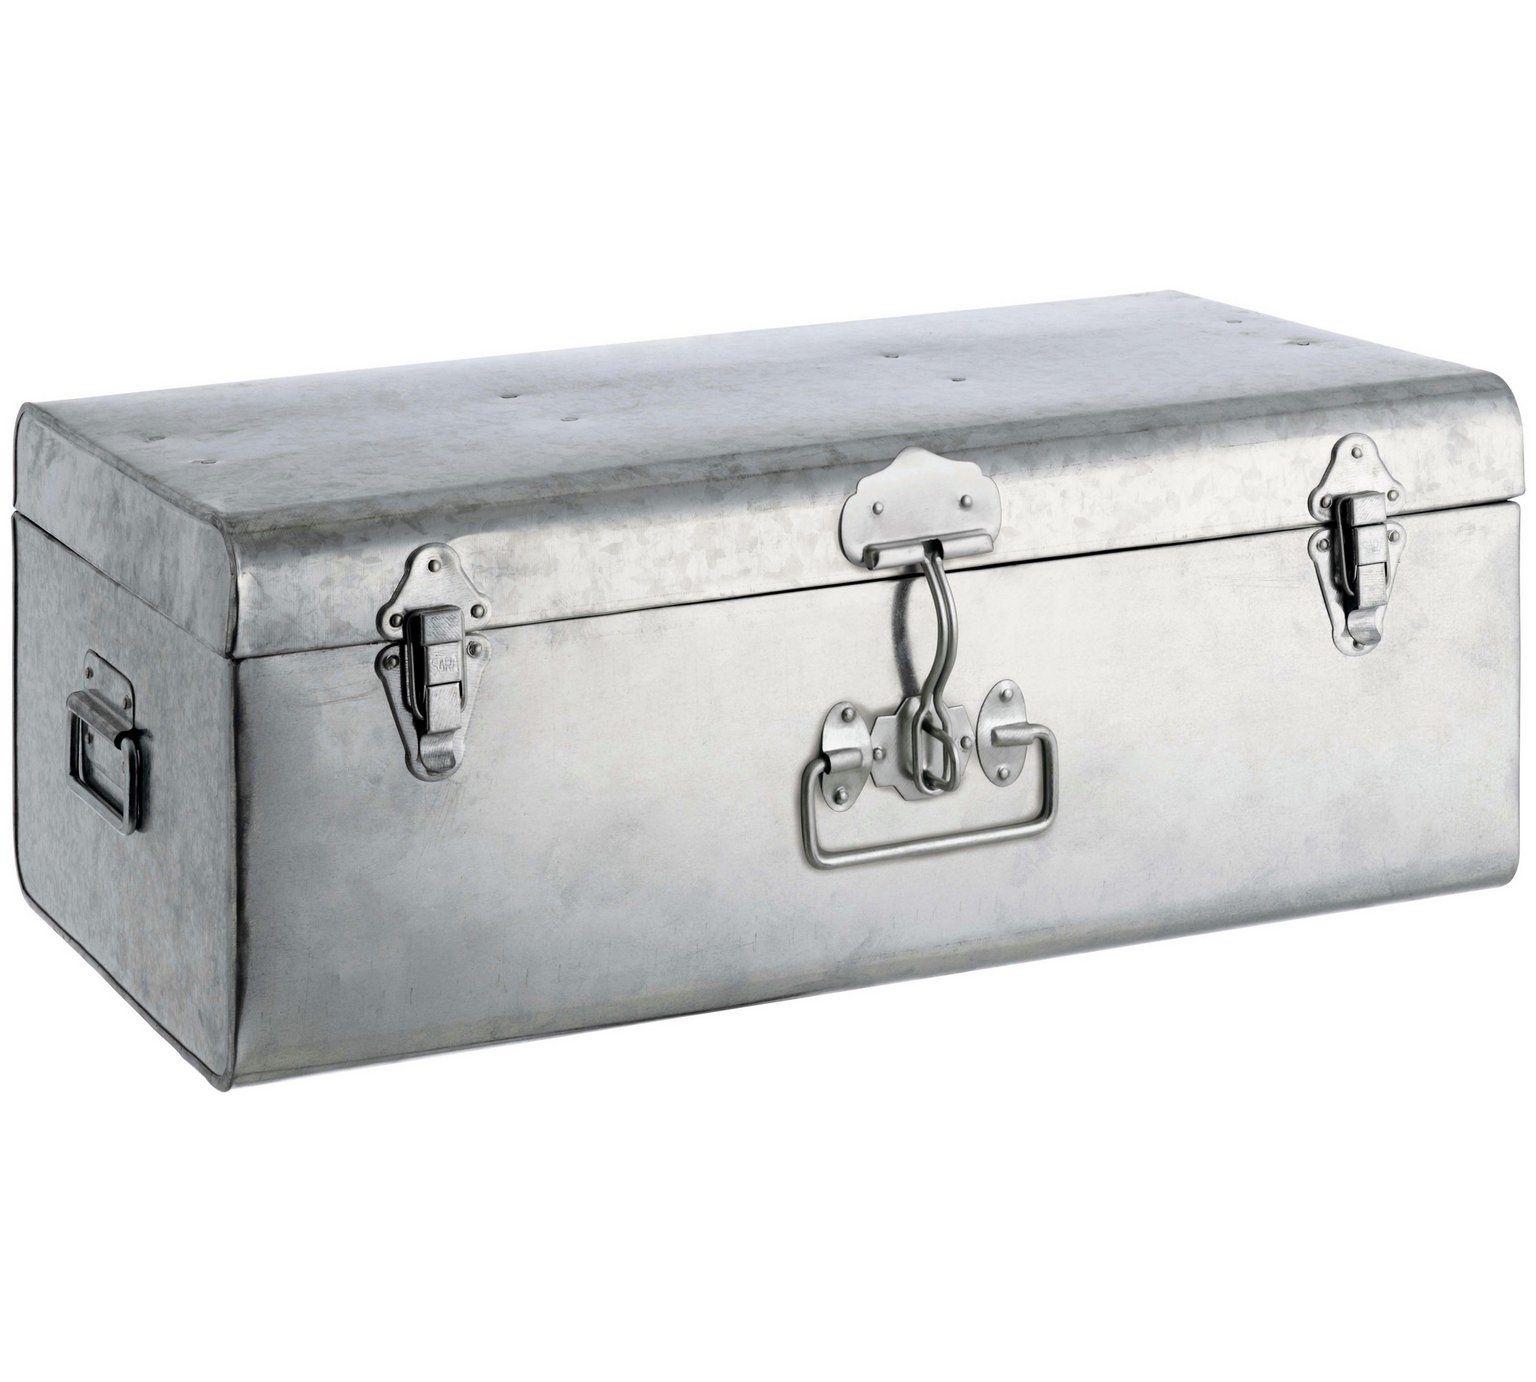 Hallway furniture habitat  Buy Habitat Large Galvanised Trunk  Silver at Argos  Your